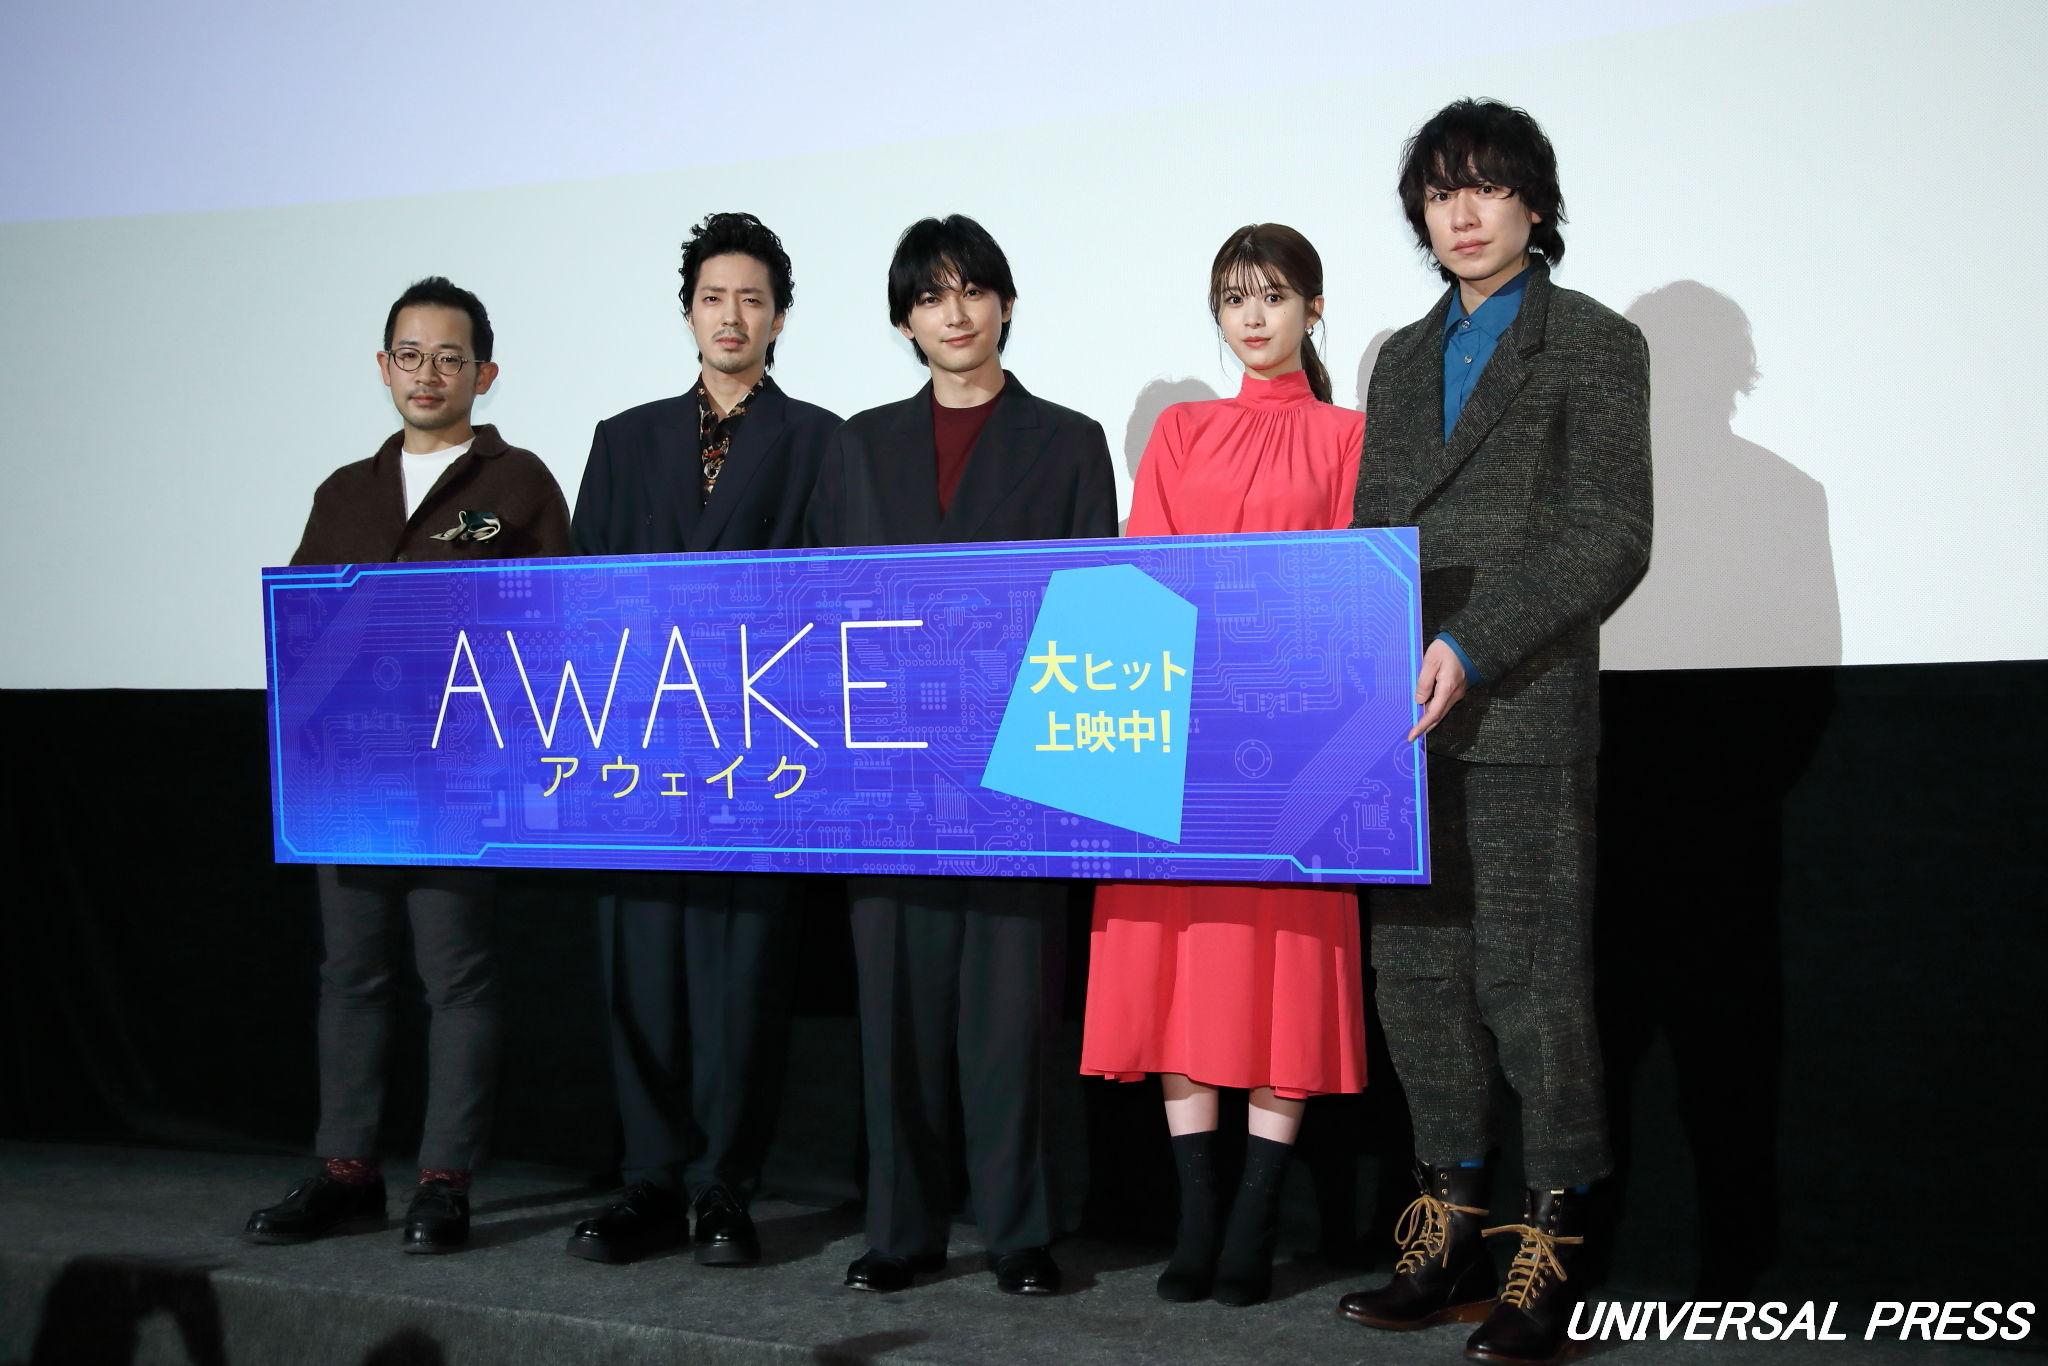 映画『AWAKE』初日舞台挨拶 吉沢亮